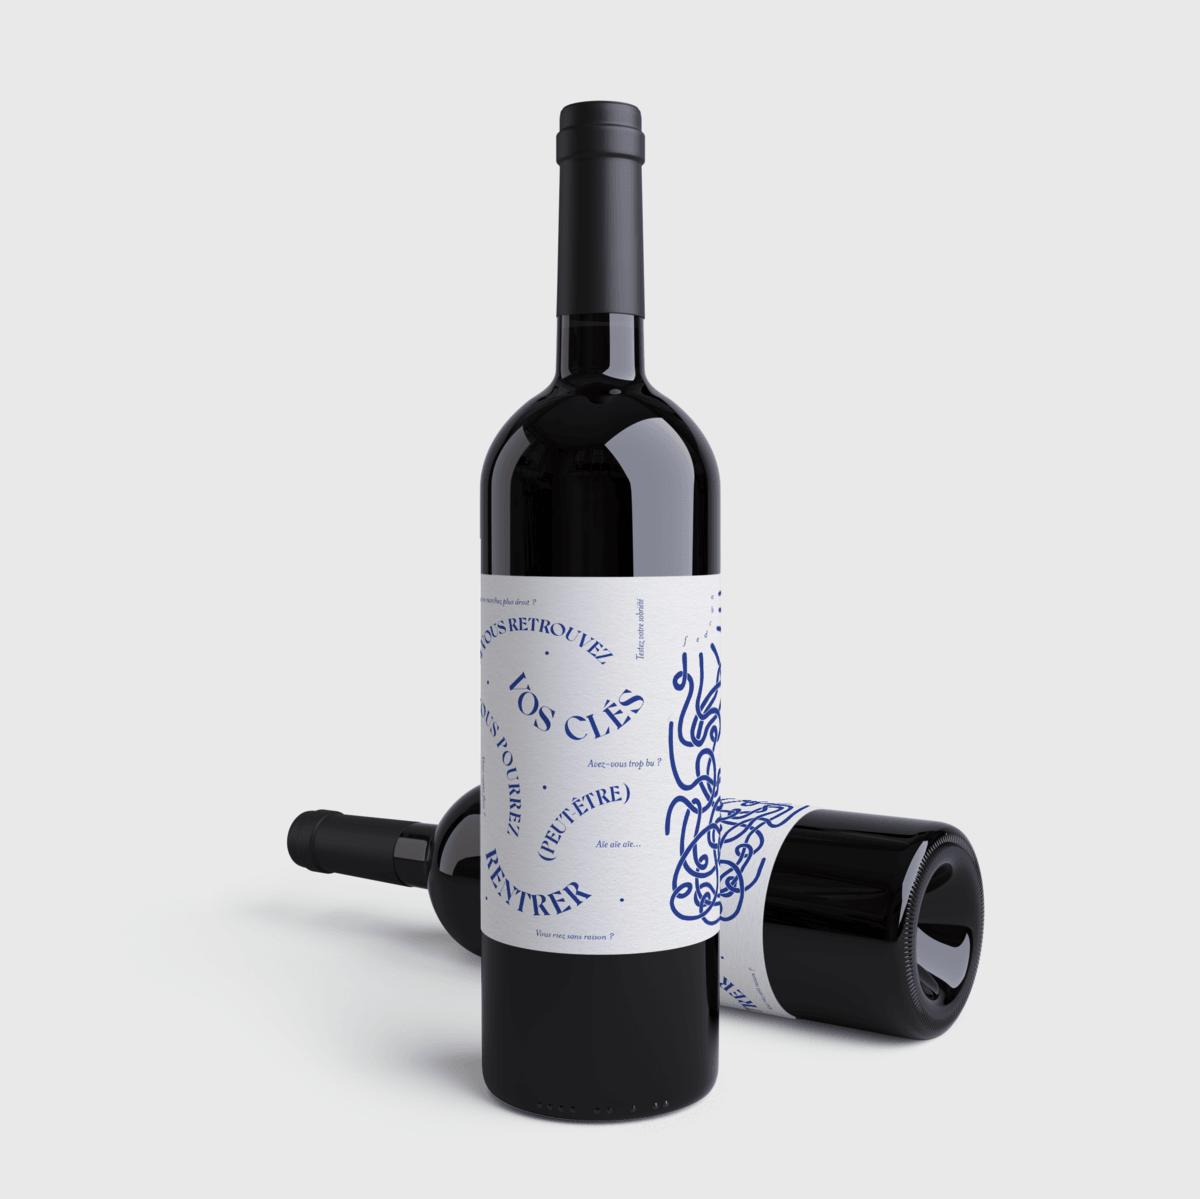 vin mockup2